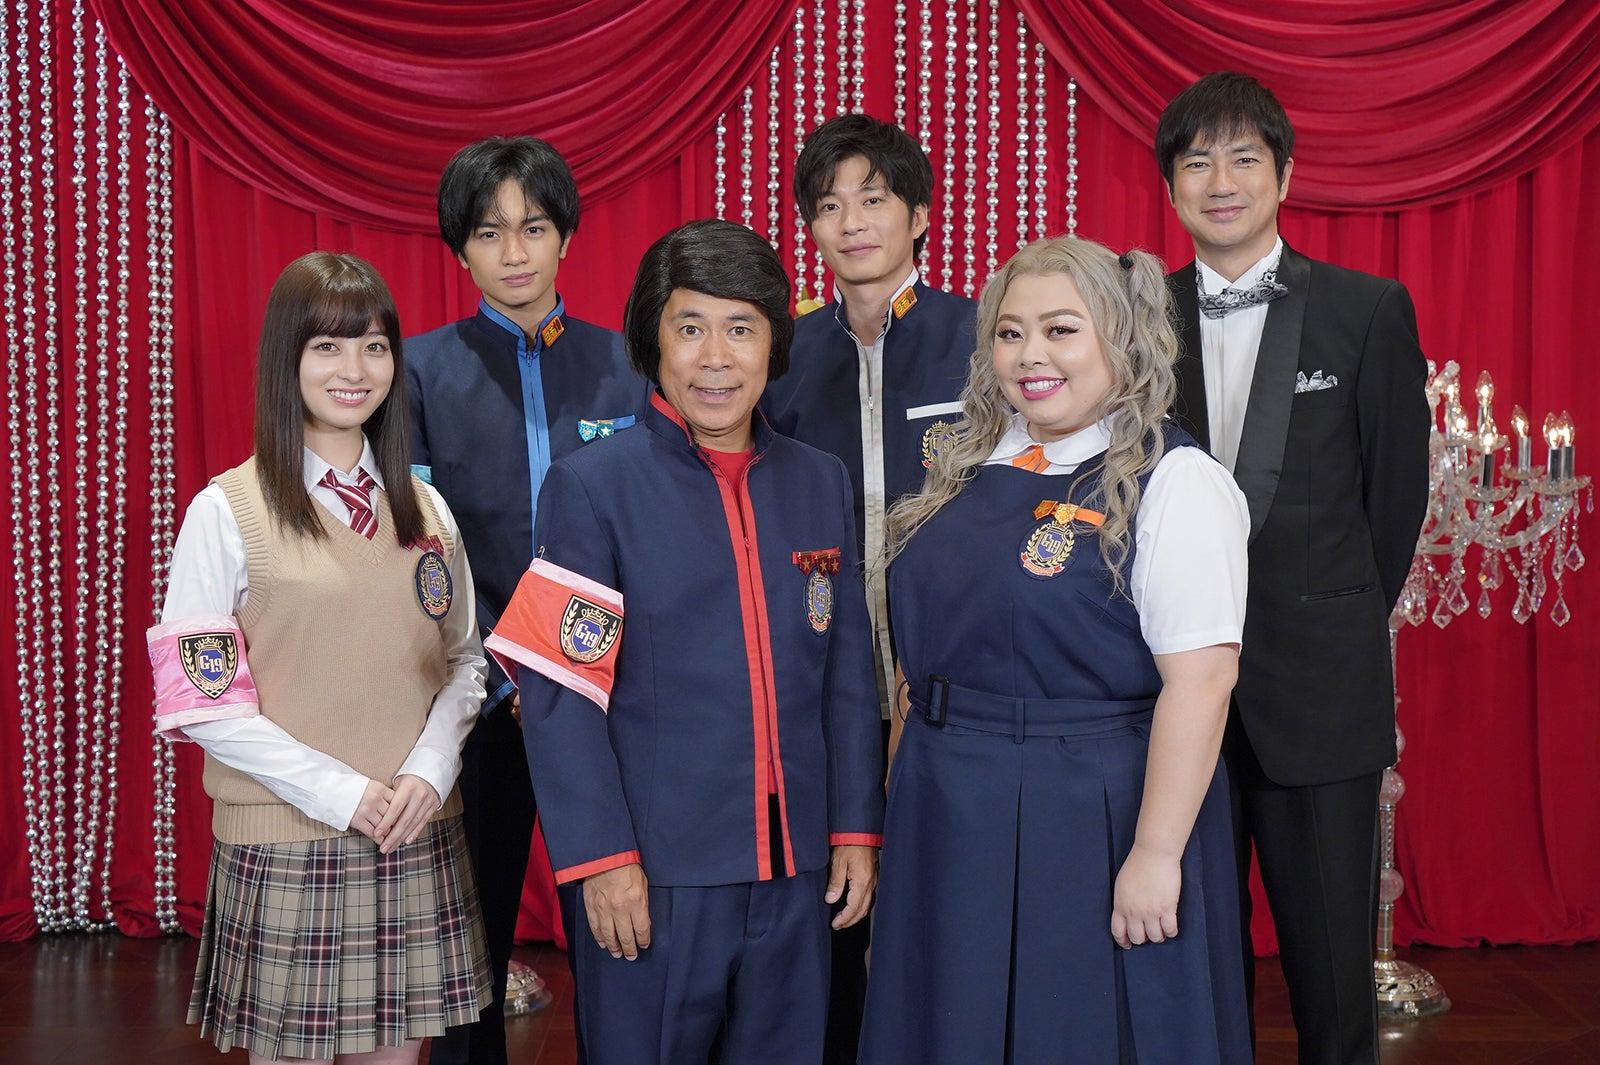 田中圭「ぐるナイ」ゴチメンバー加入に歓迎ムード 中島健人